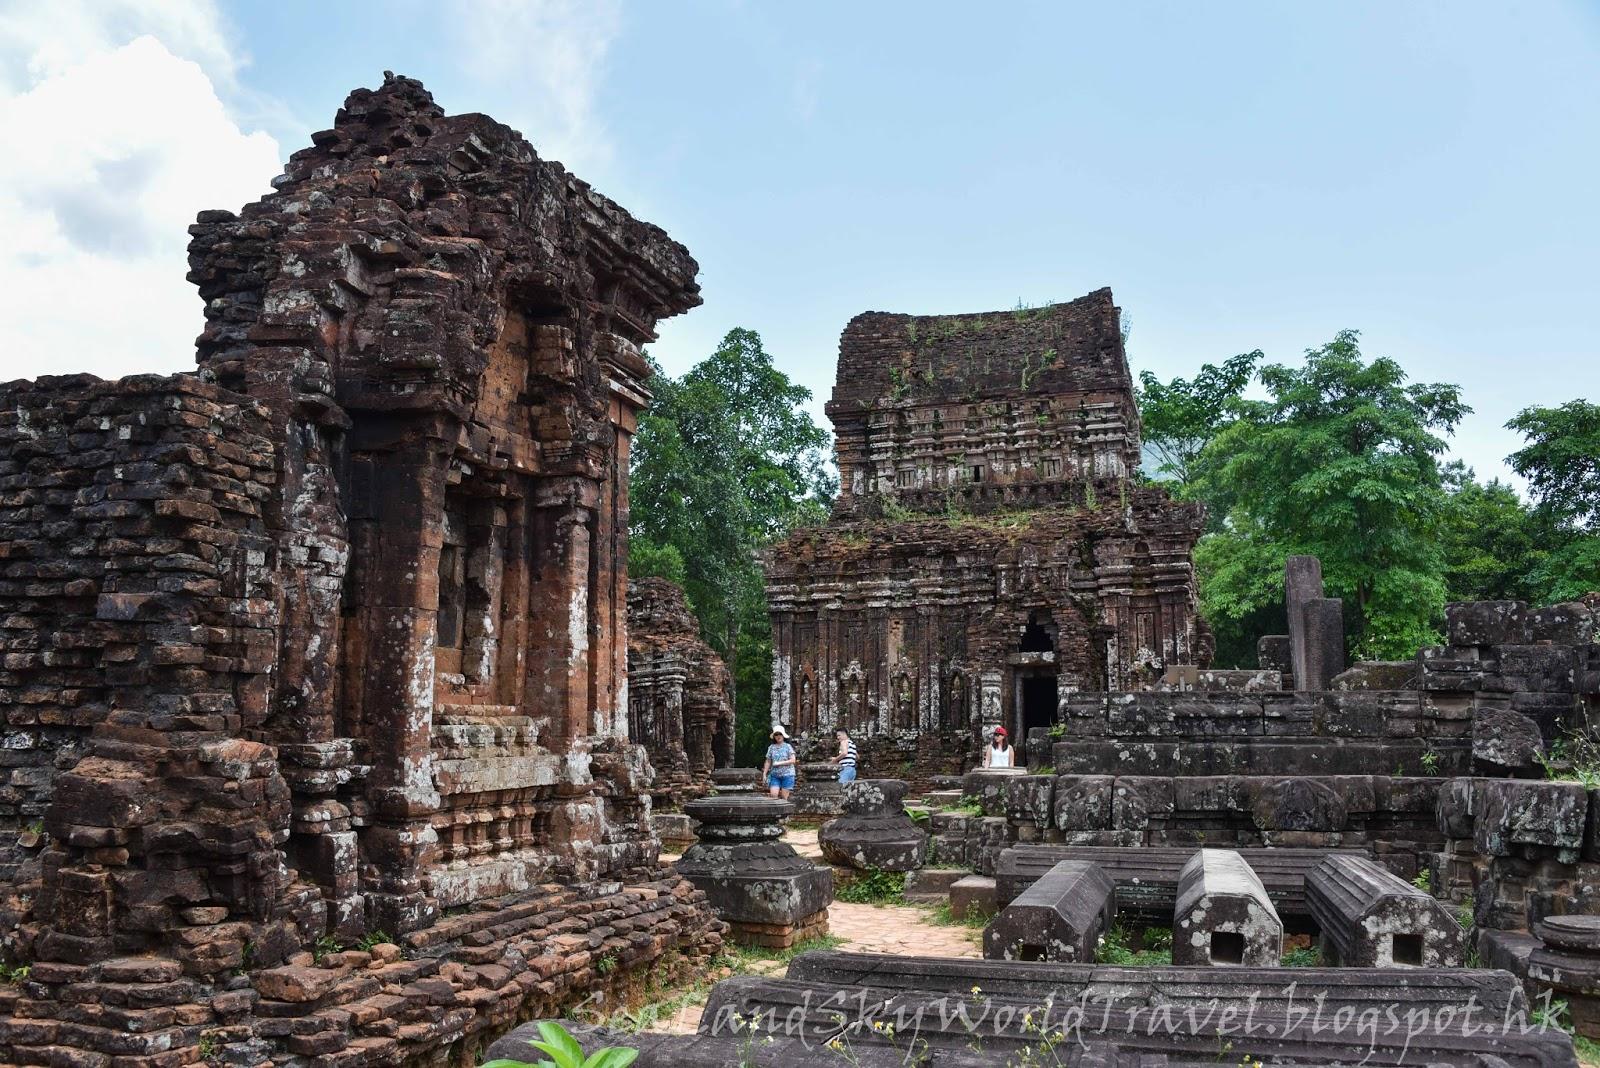 海陸空遊世界: 越南中部迷你吳哥窟: 美山聖地